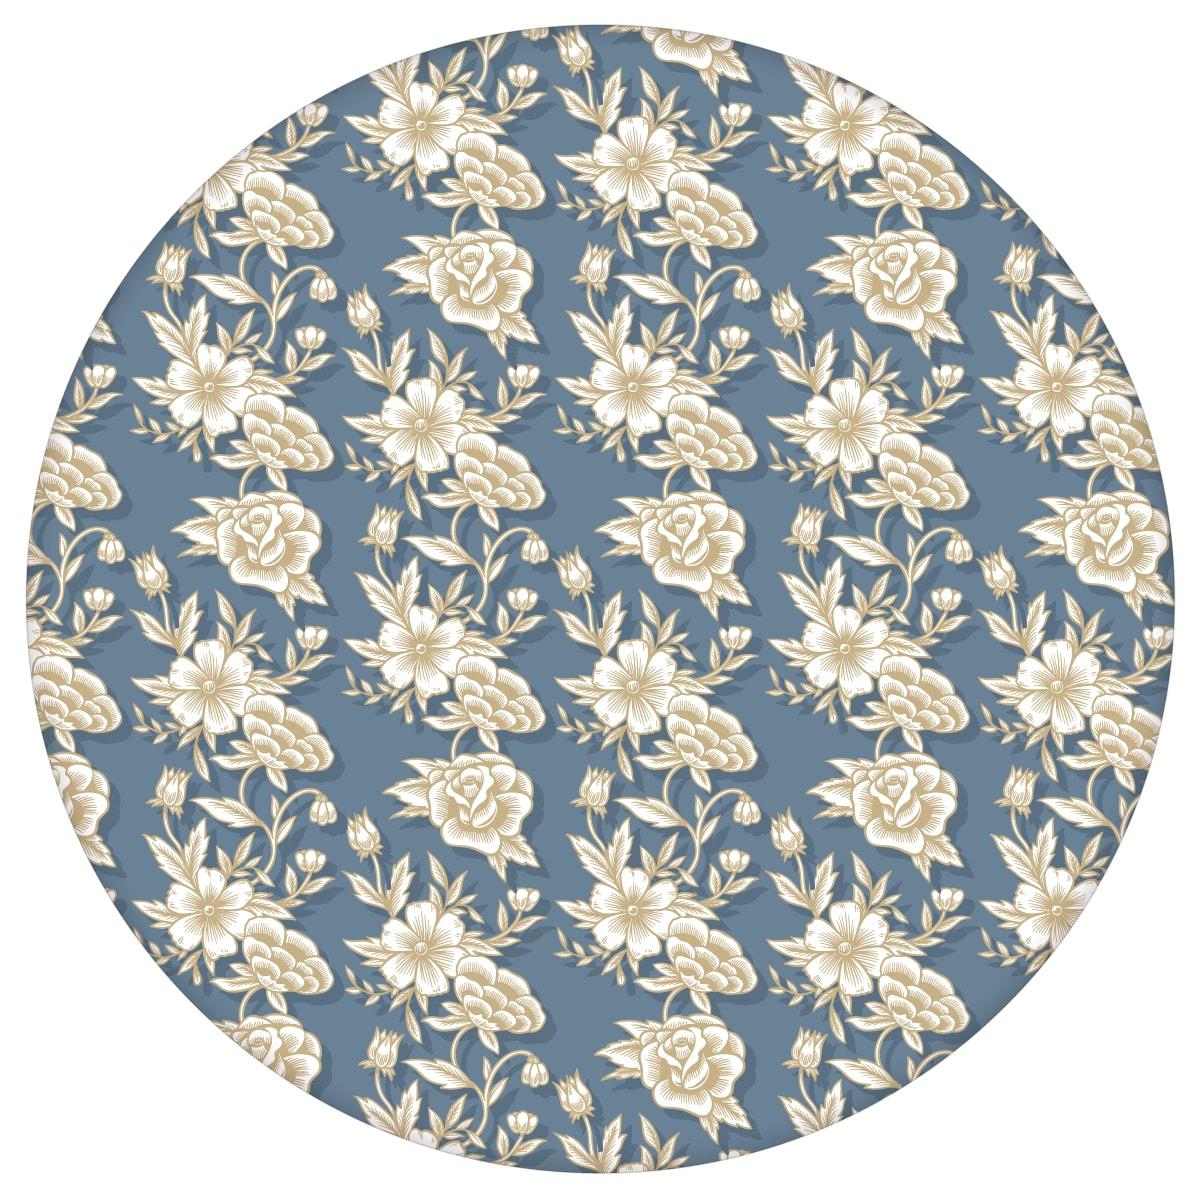 """Edle Blümchen Tapete """"Les fleurs du chateau"""", blau beige Vlies Blumentapete, Wohnakzent, Wanddeko für Flur, Büroaus dem GMM-BERLIN.com Sortiment: blaue Tapete zur Raumgestaltung: #00176 #beige #beige – cremefarbene Tapeten #blau #Blaue Tapeten #blueten #blumen #Blumentapete #Büro #flur #klassisch #Schloss #Streublümchen für individuelles Interiordesign"""